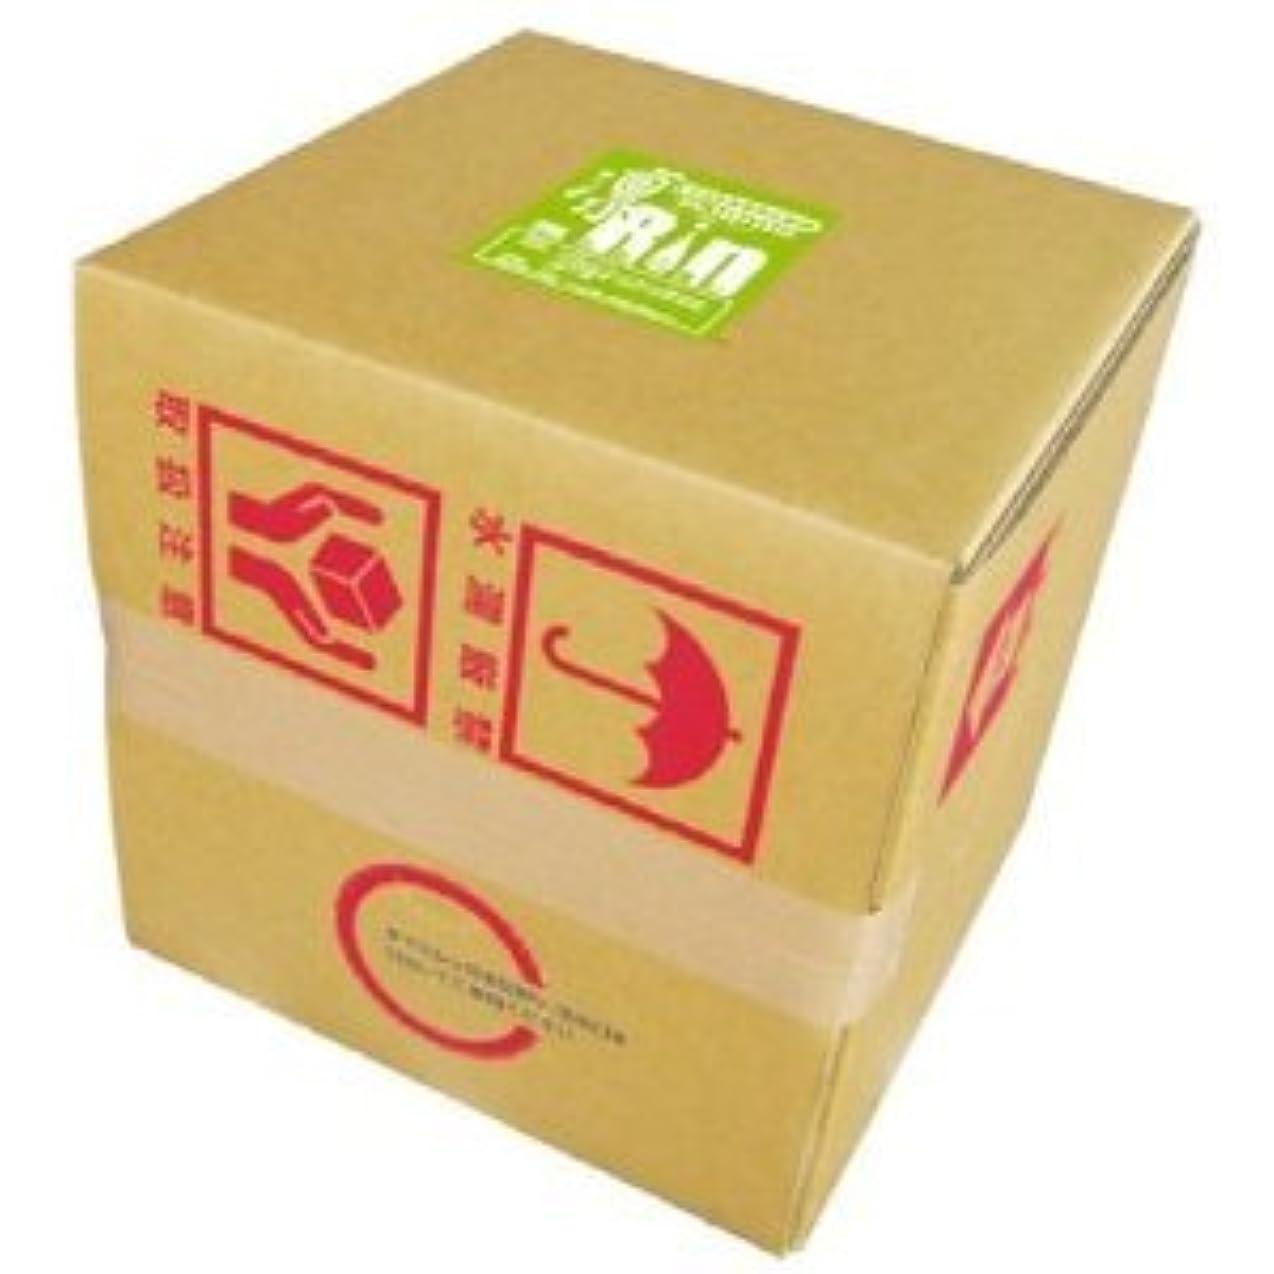 キッチンクランプ刃くさの葉化粧品 ボディソープ 凛 20リットル 箱